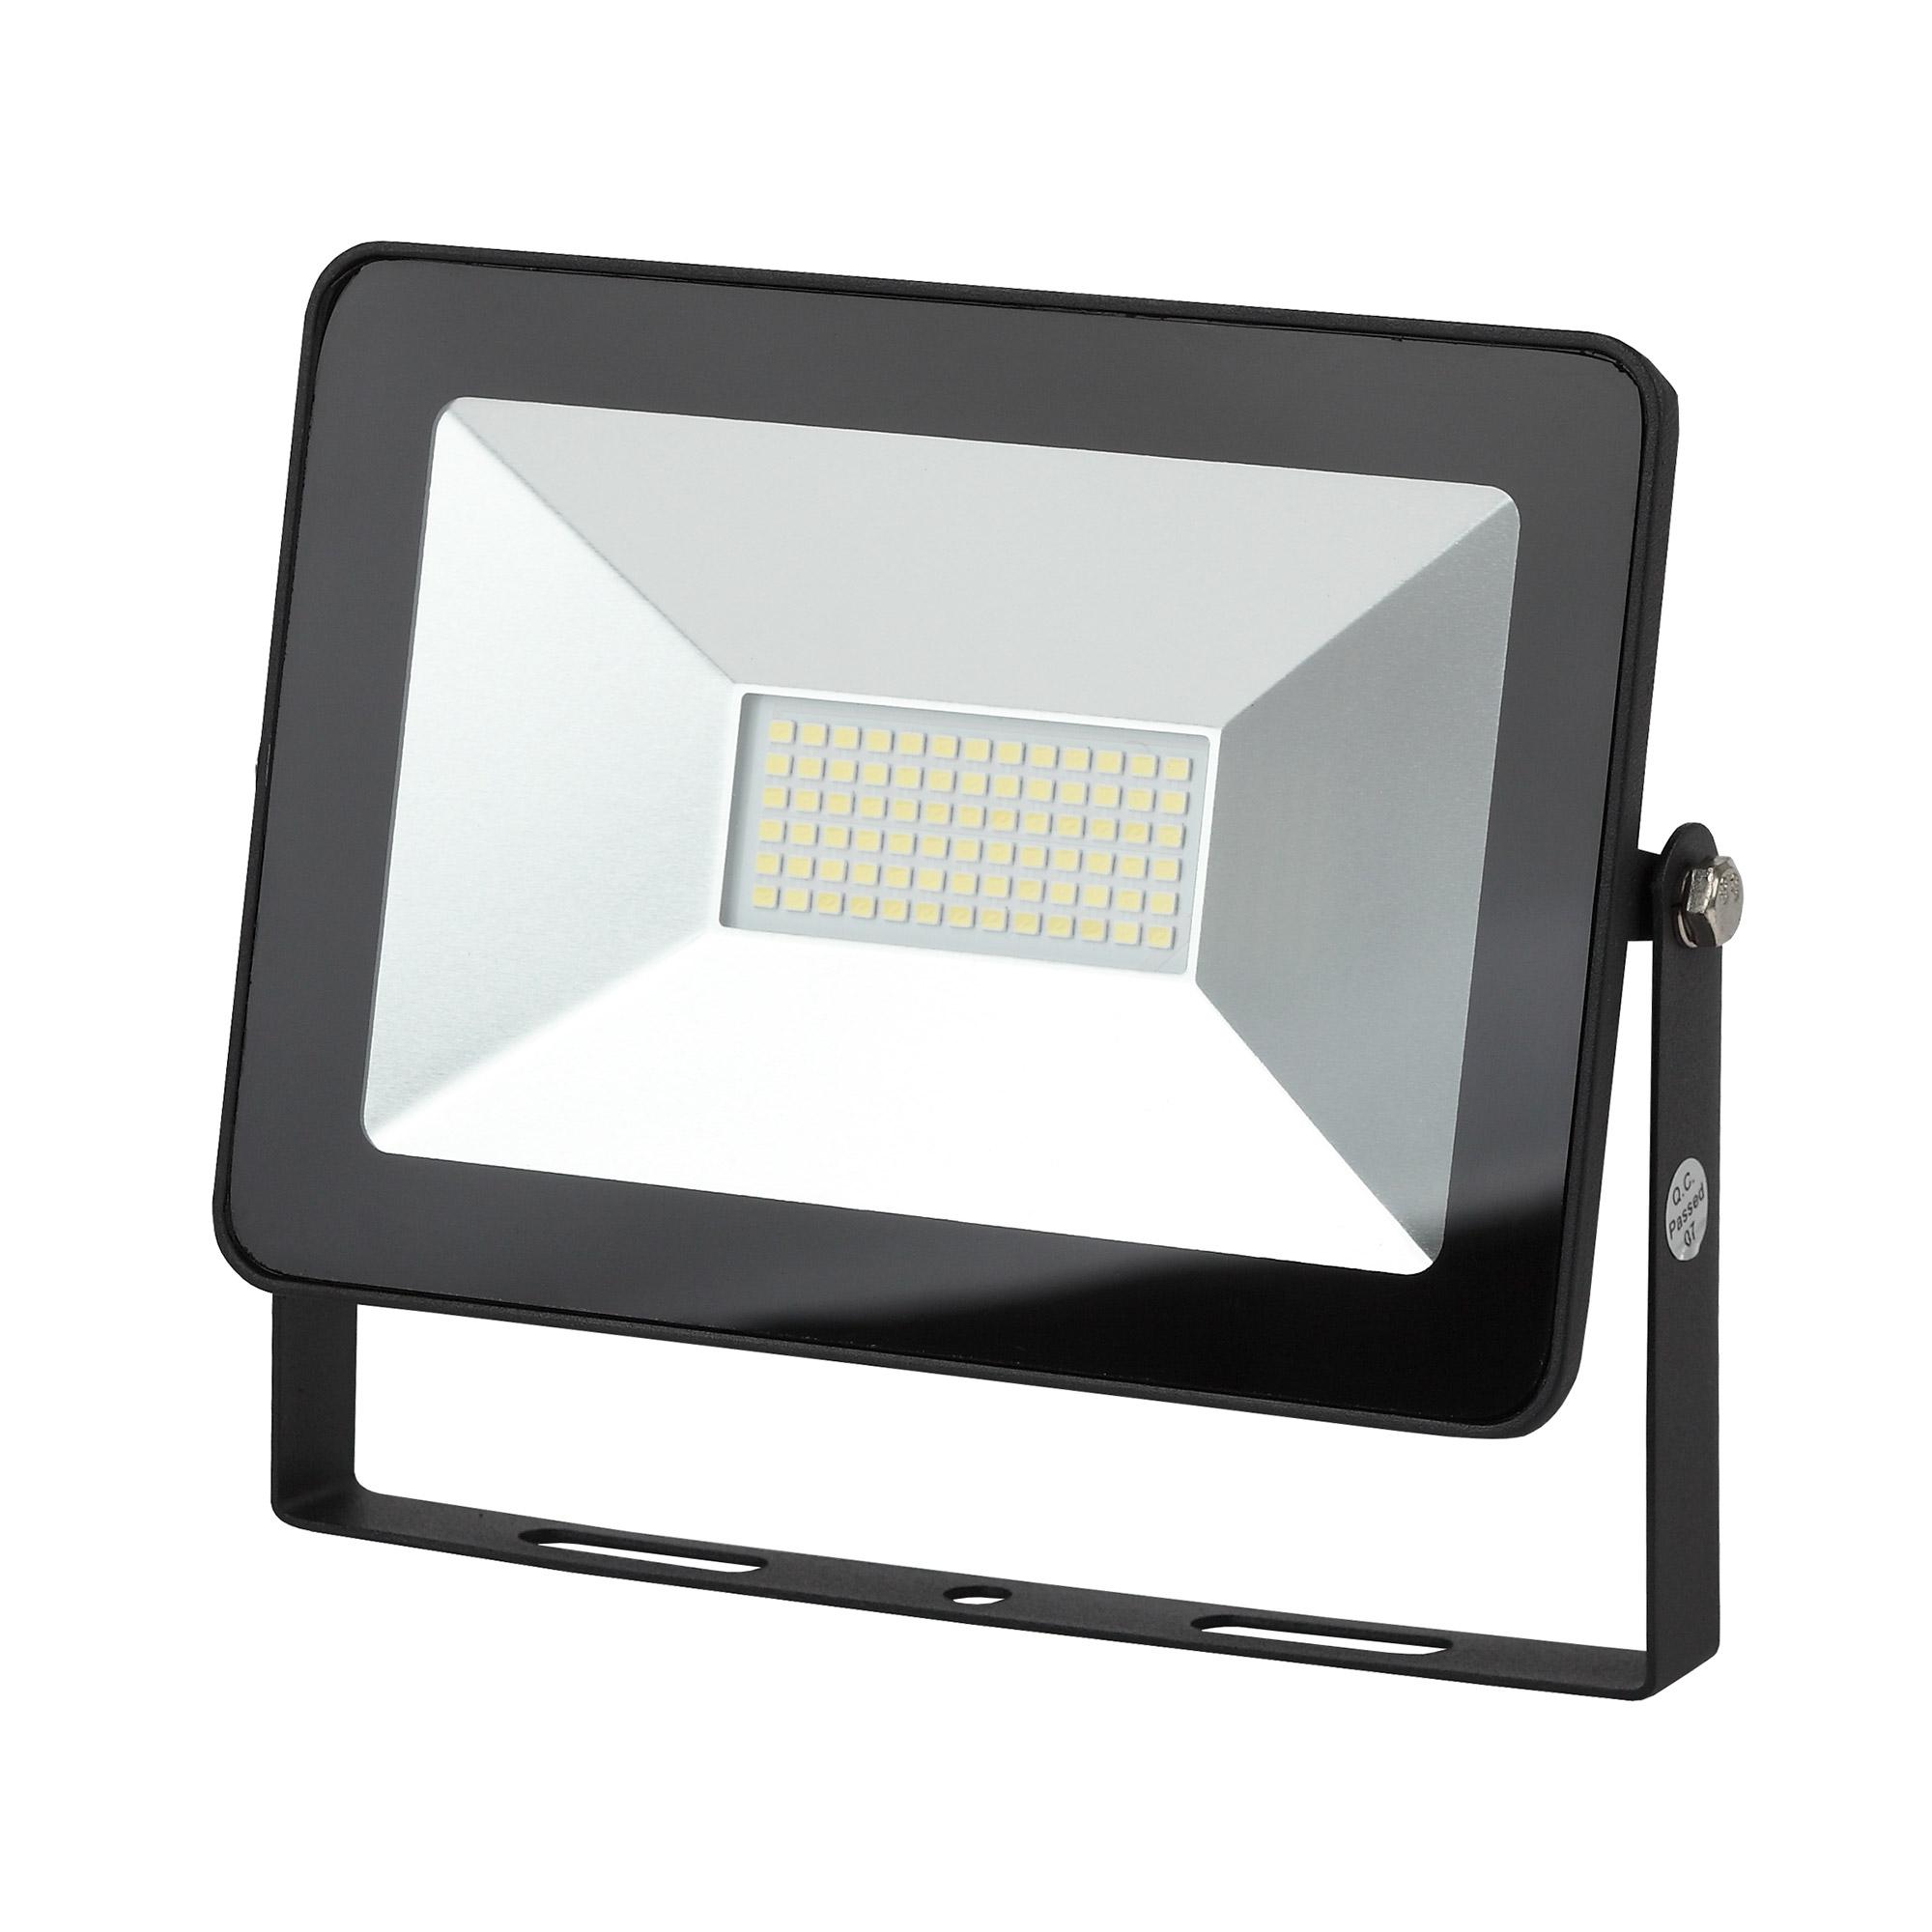 Фото - Прожектор ЭРА LPR-50-6500К SMD Eco Slim 50Вт 4500Лм 6500K 205х160 светодиодный прожектор эра lpr 30 6500k m smd б0017301